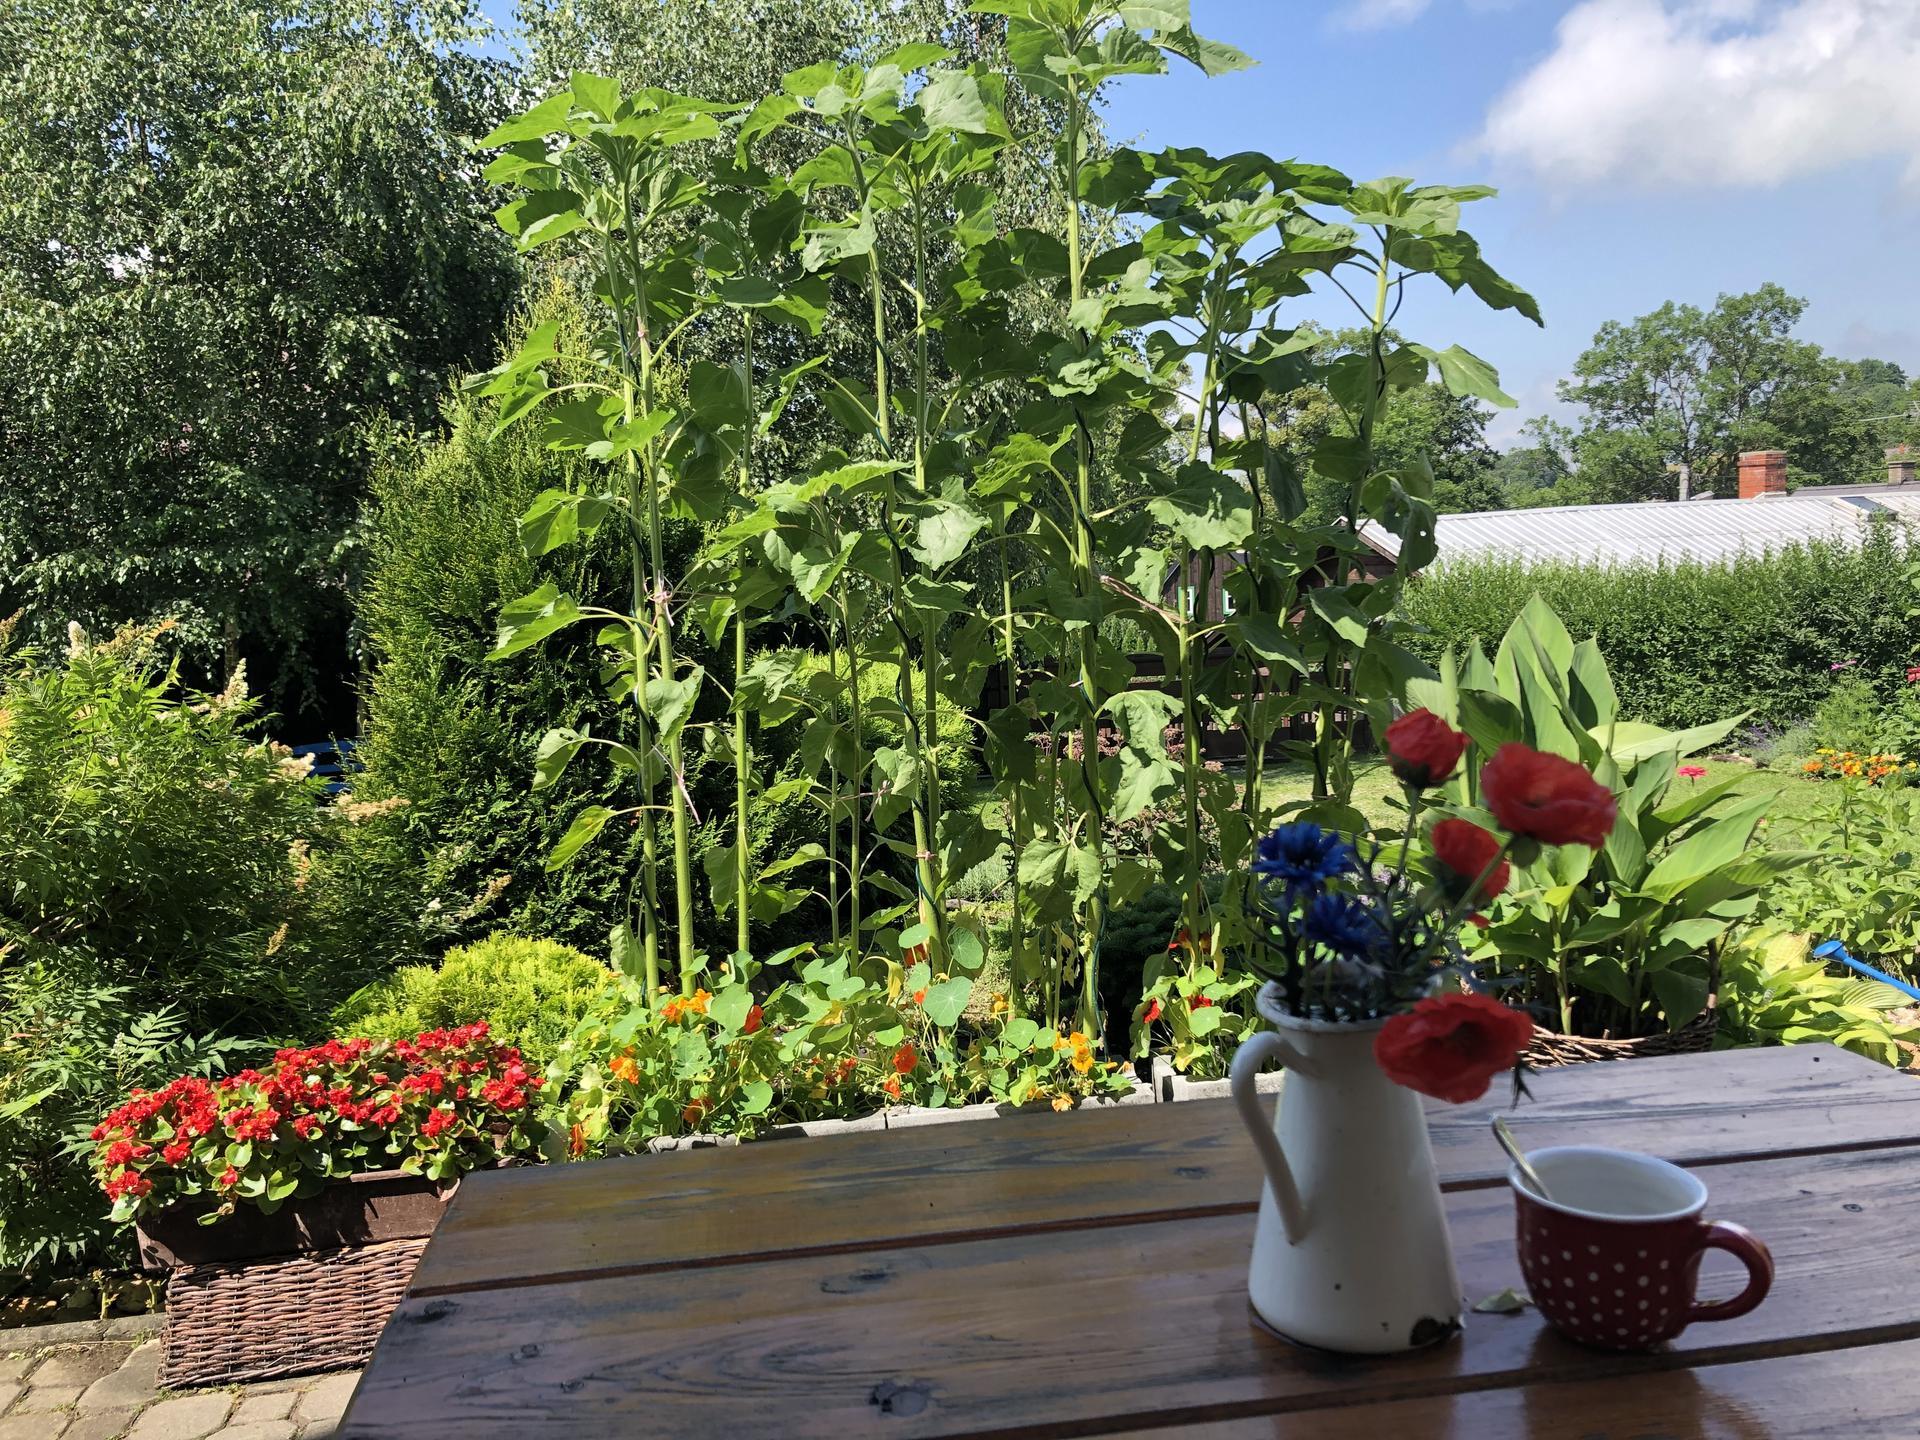 U nás doma a na zahradě 2021 - Obrázek č. 40